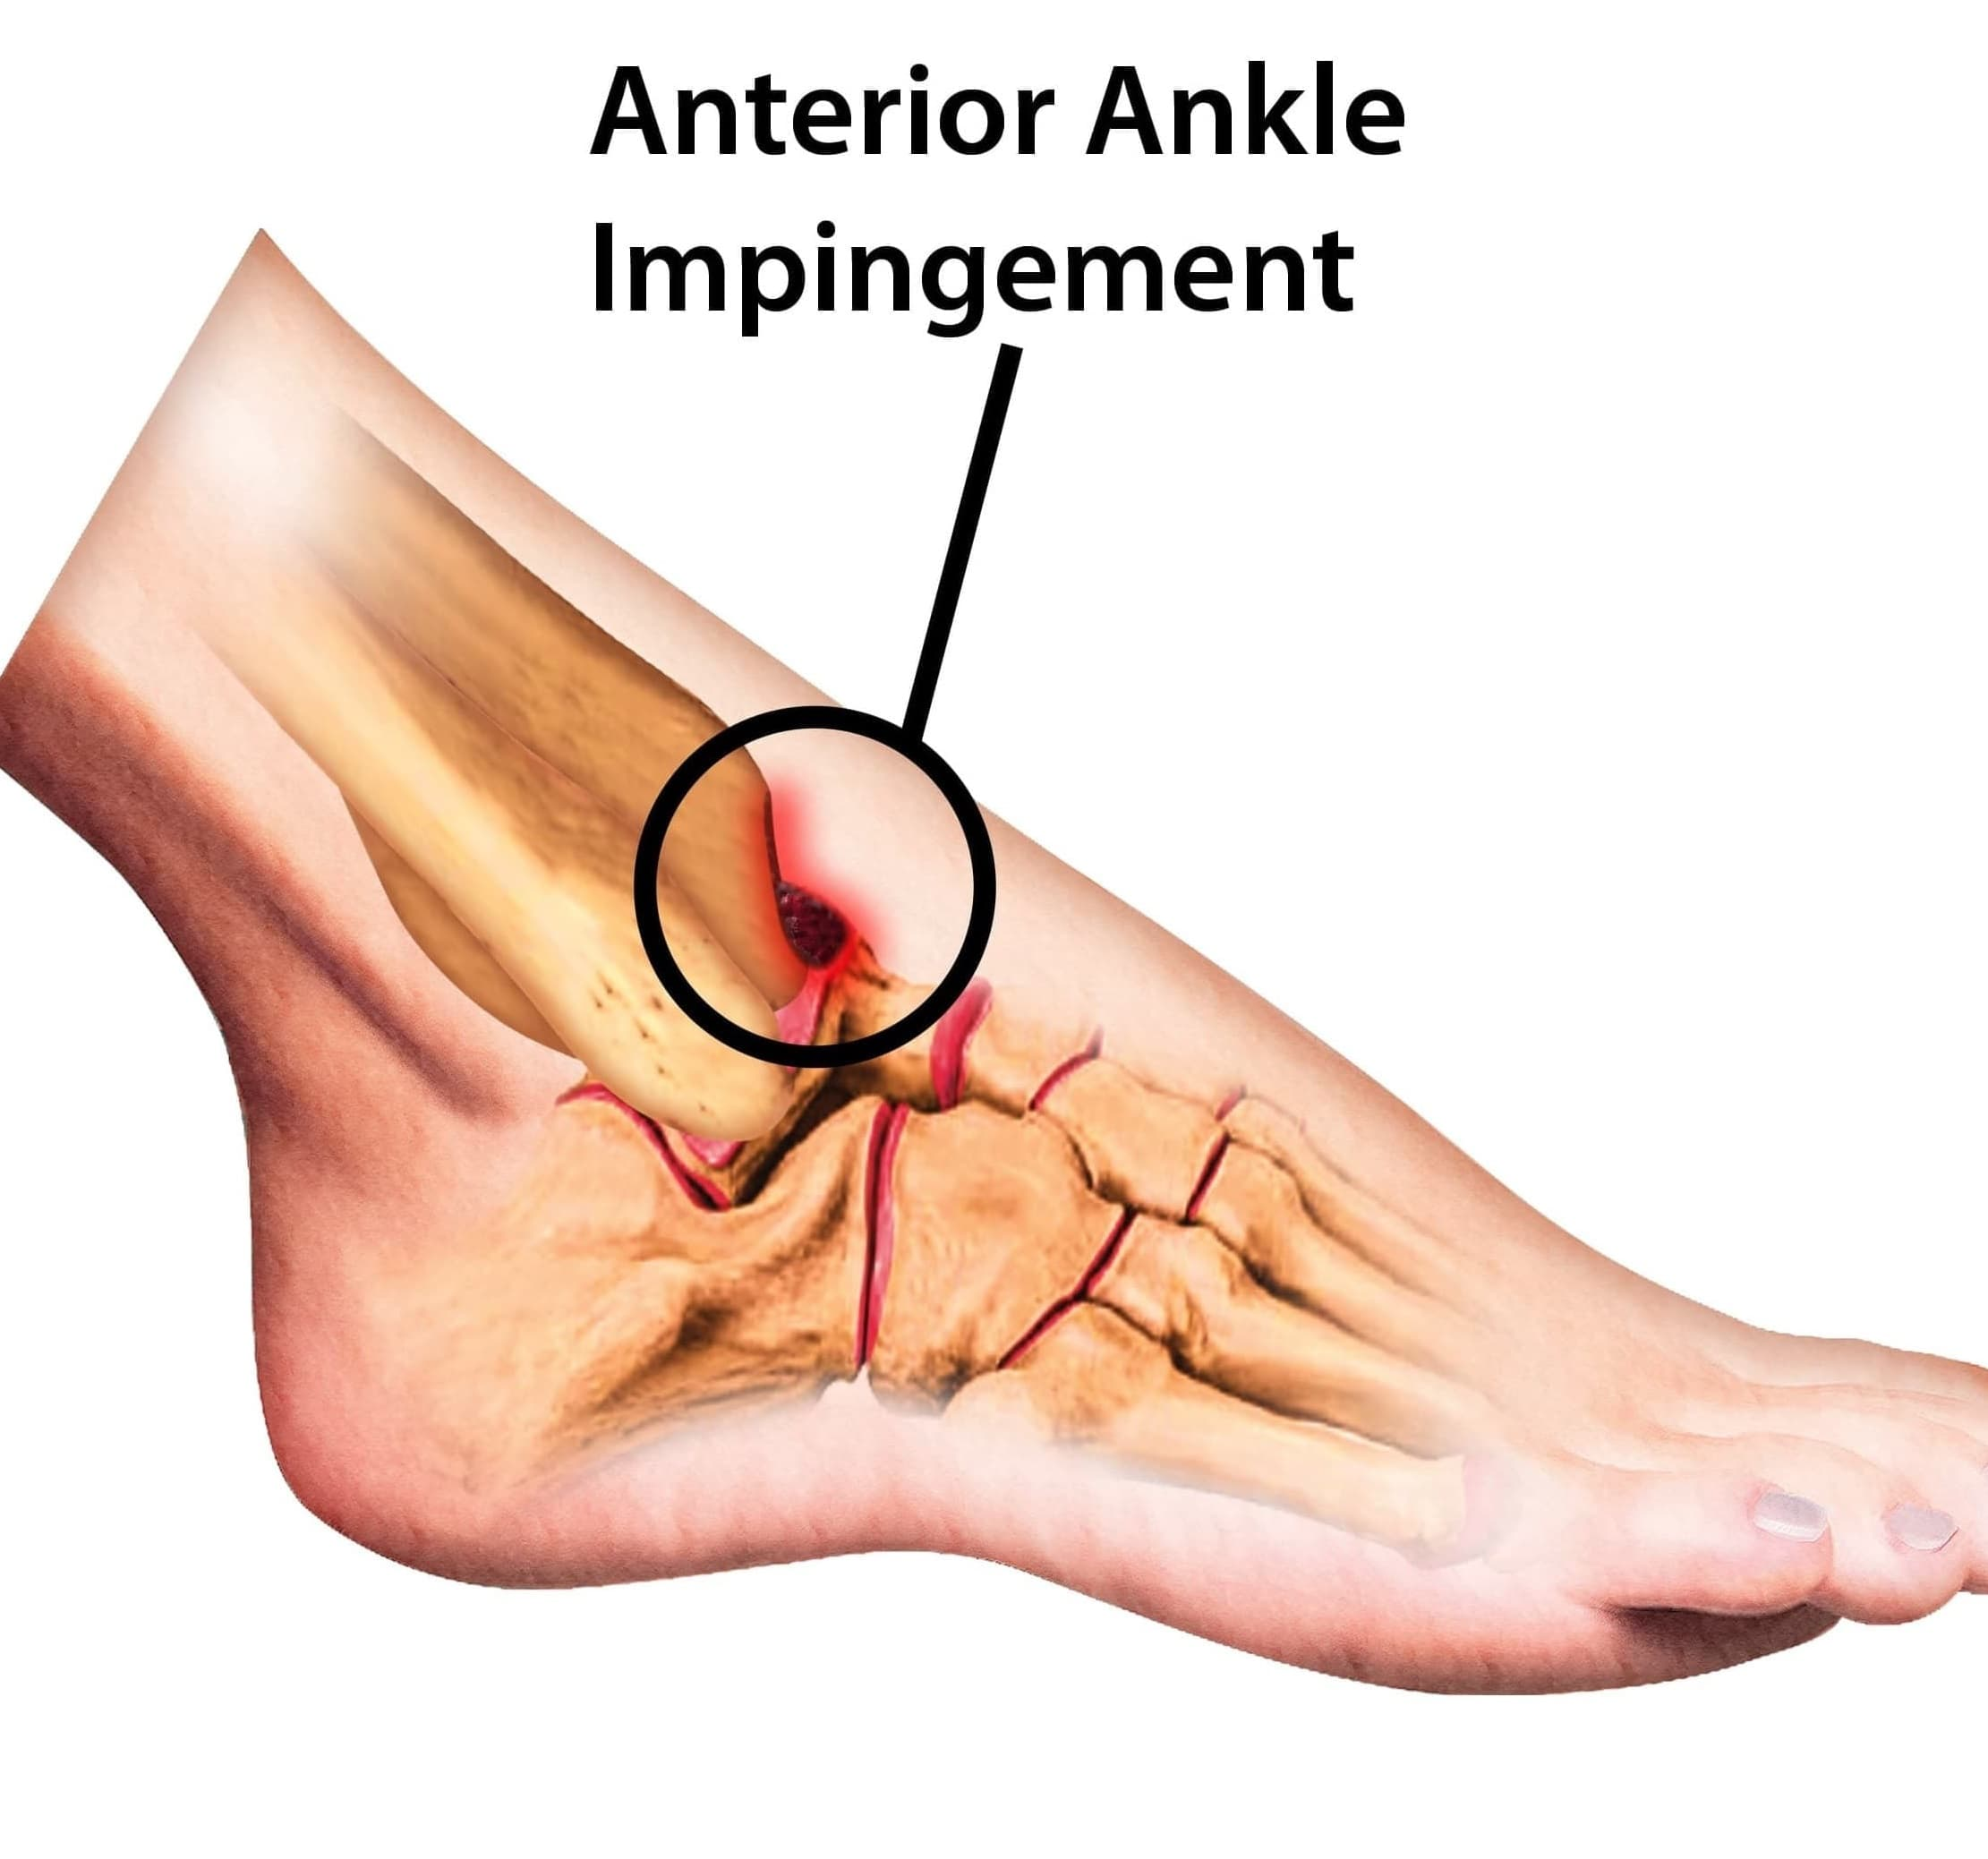 anterior ankle impingement